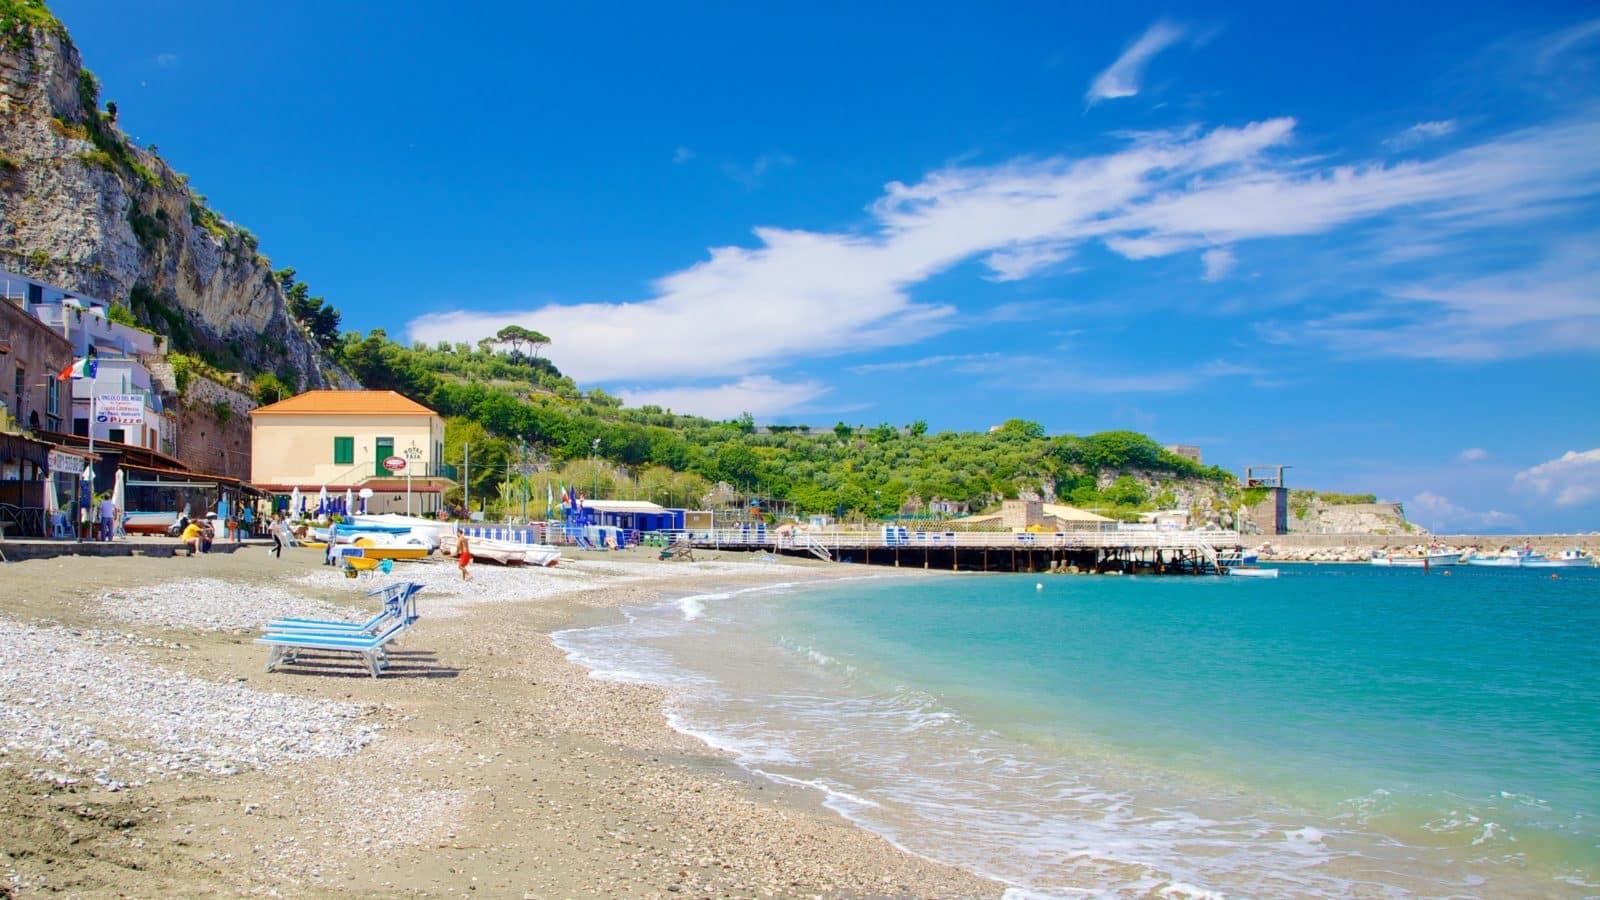 Spiaggia di Marina di Puolo